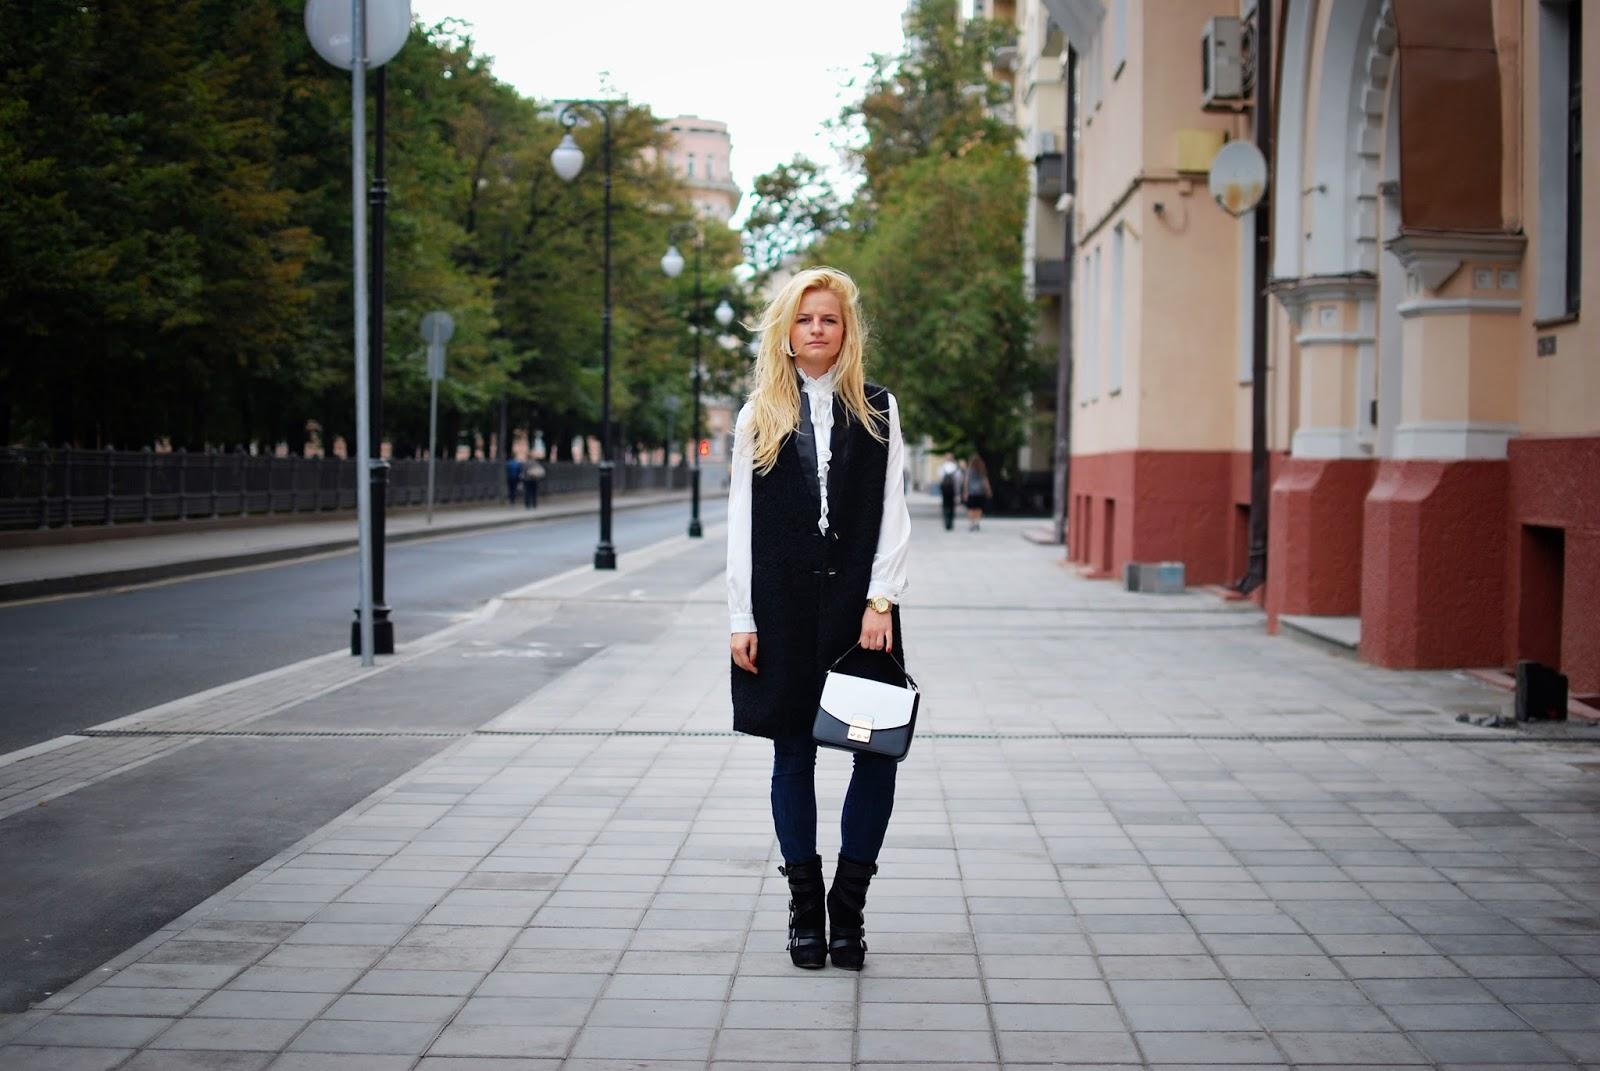 Модные образы,тренды осени,модные идеи осень 2015,с чем носить длинную жилетку,уличная мода 2015